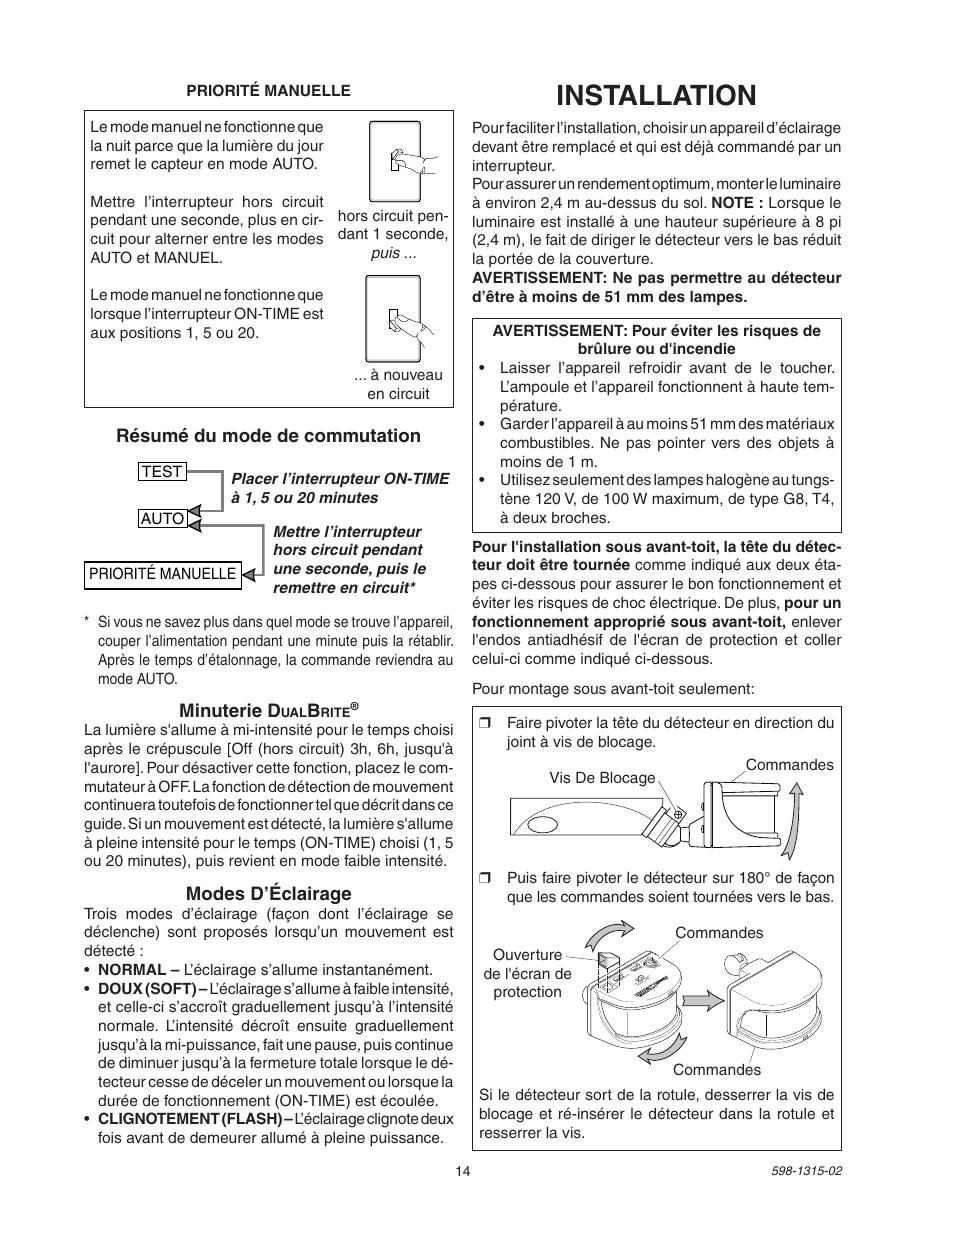 Installation, Résumé du mode de commutation minuterie d, Modes d'éclairage    Heath